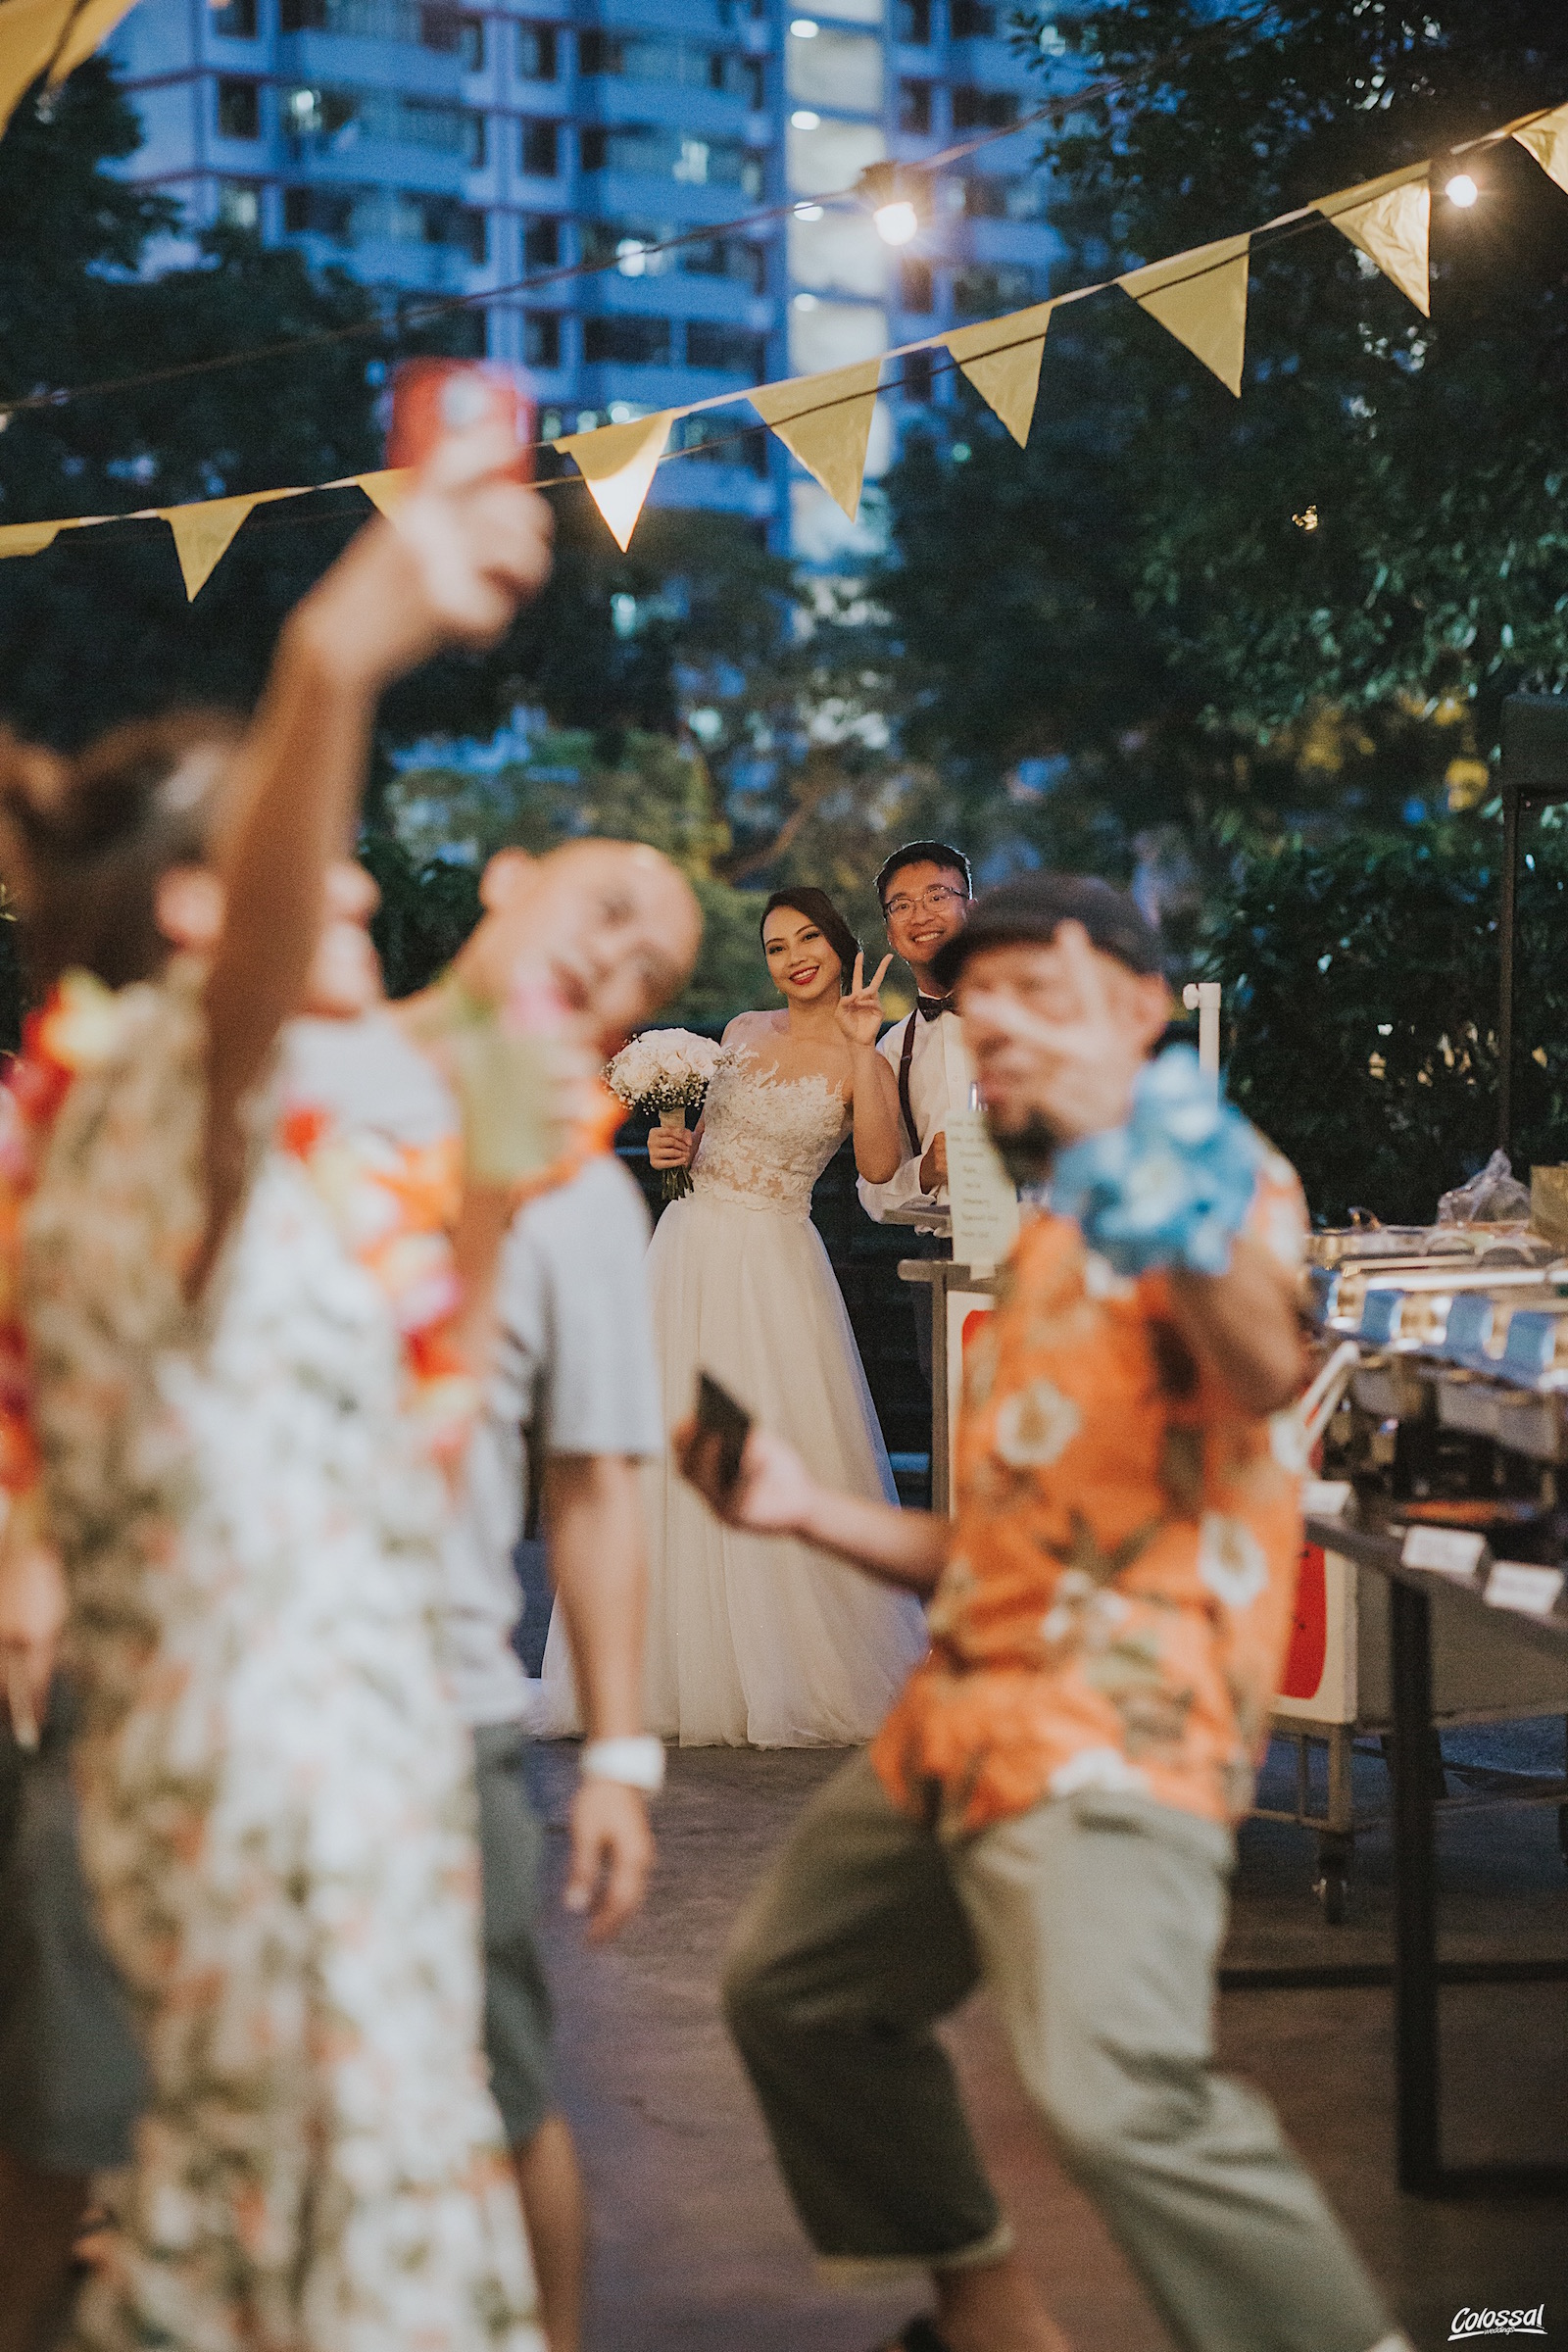 MartinChanel_ColossalWeddings063_WeddingParty.jpg